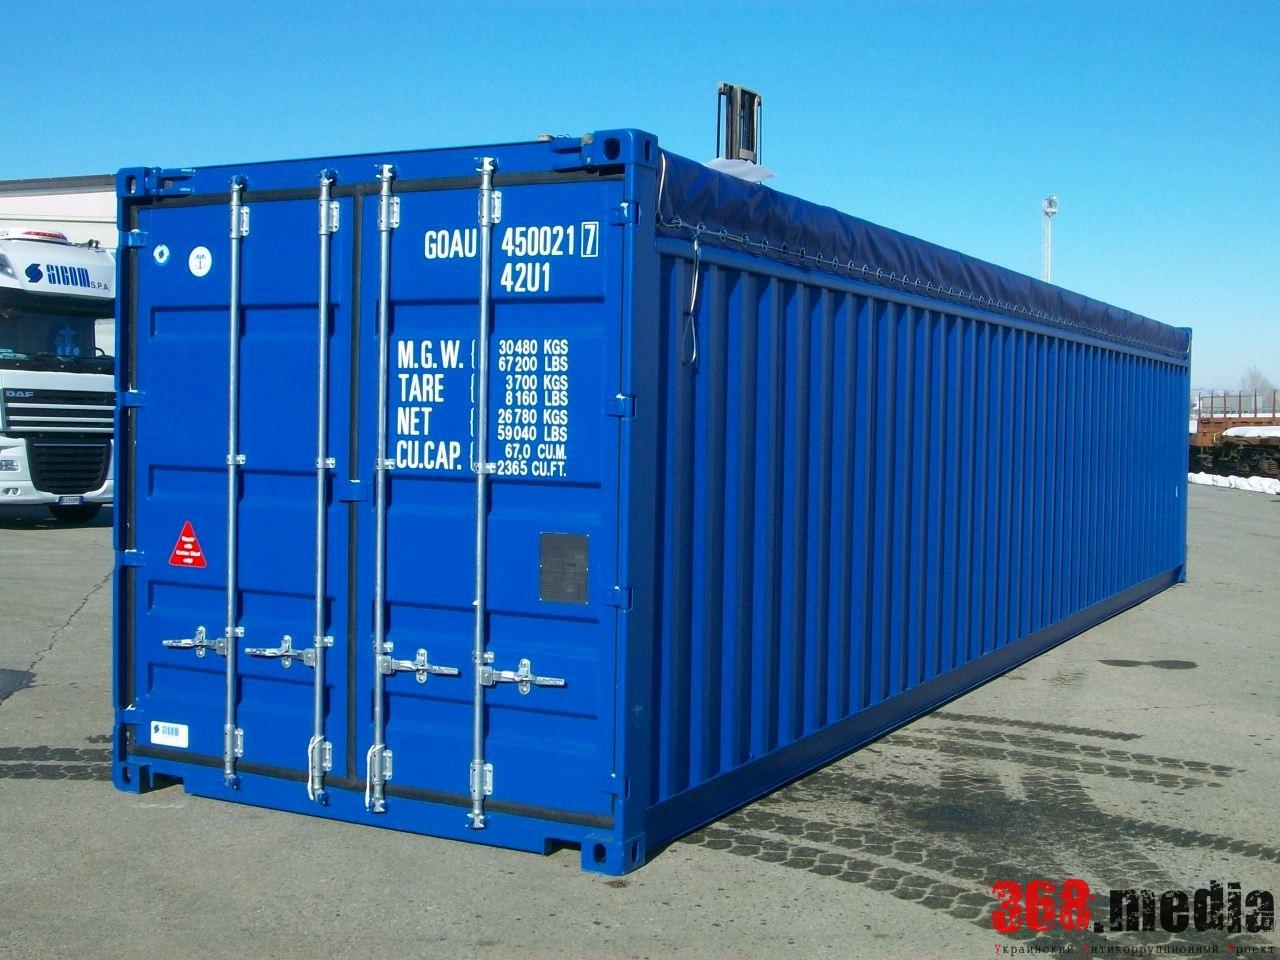 Экс-милиционер причастен к контрабанде контейнеров через Одесский порт